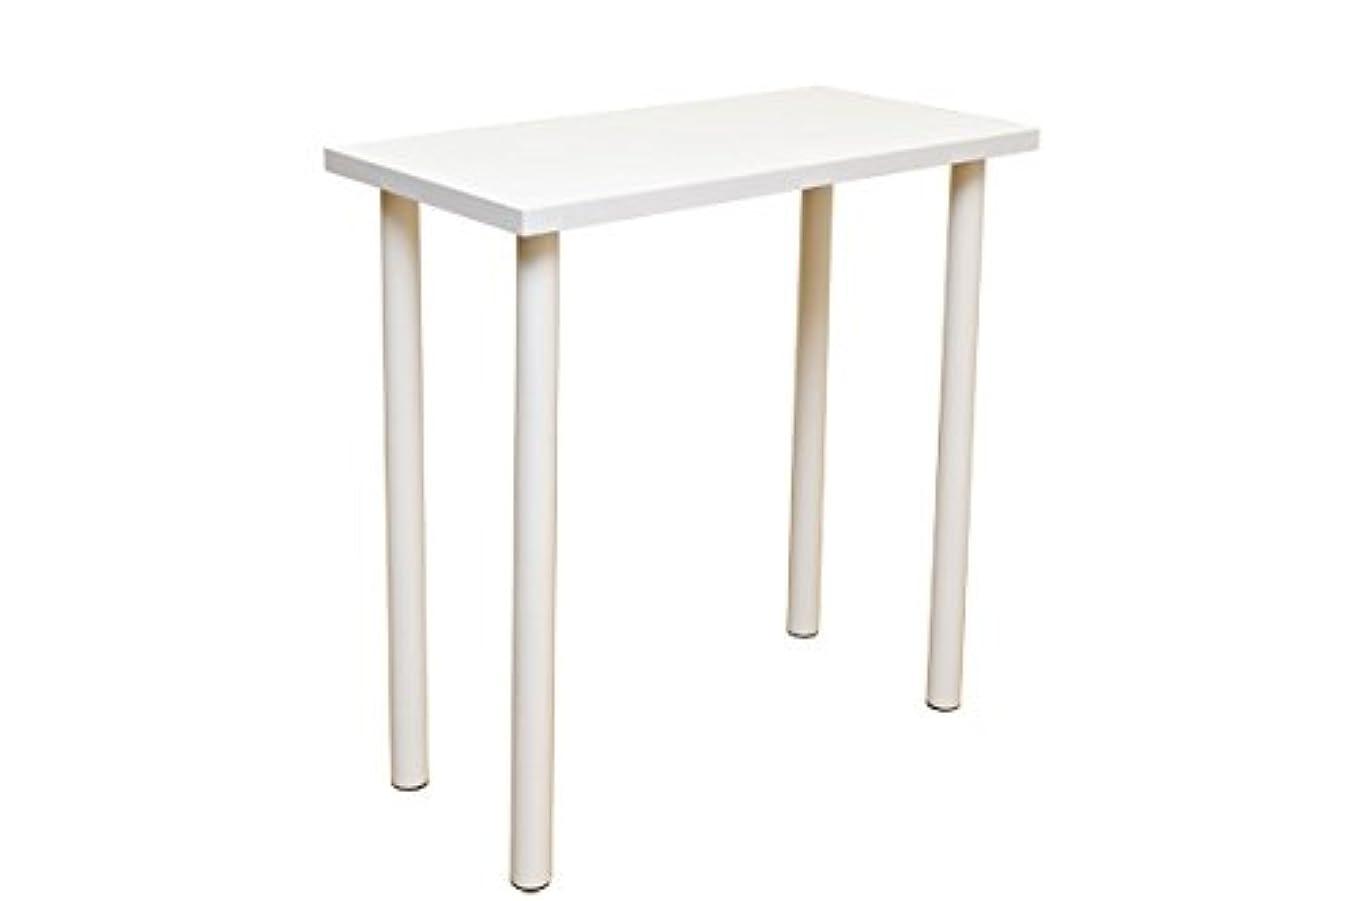 習慣黒人永遠にカウンターフリーバーテーブル ホワイト 90cm×45cm TY-H9045WH